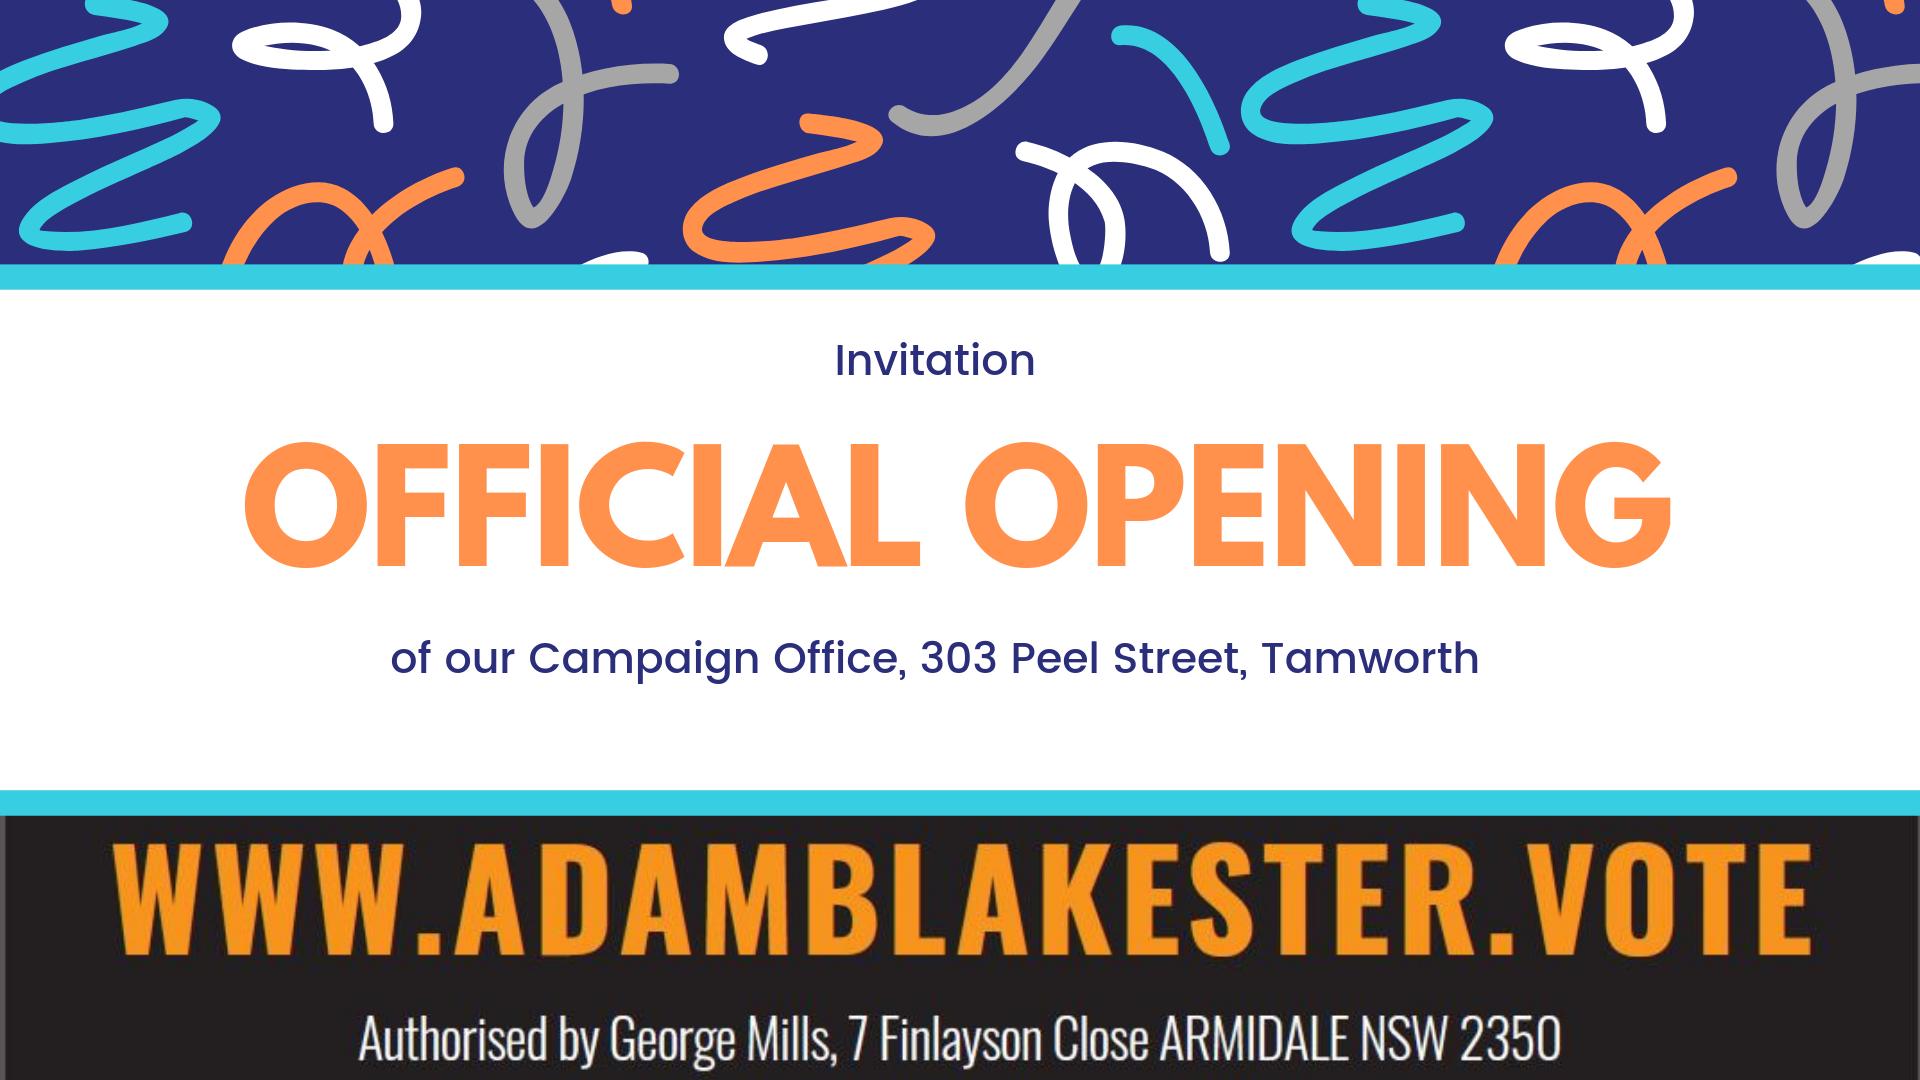 Tamworth Office Launch